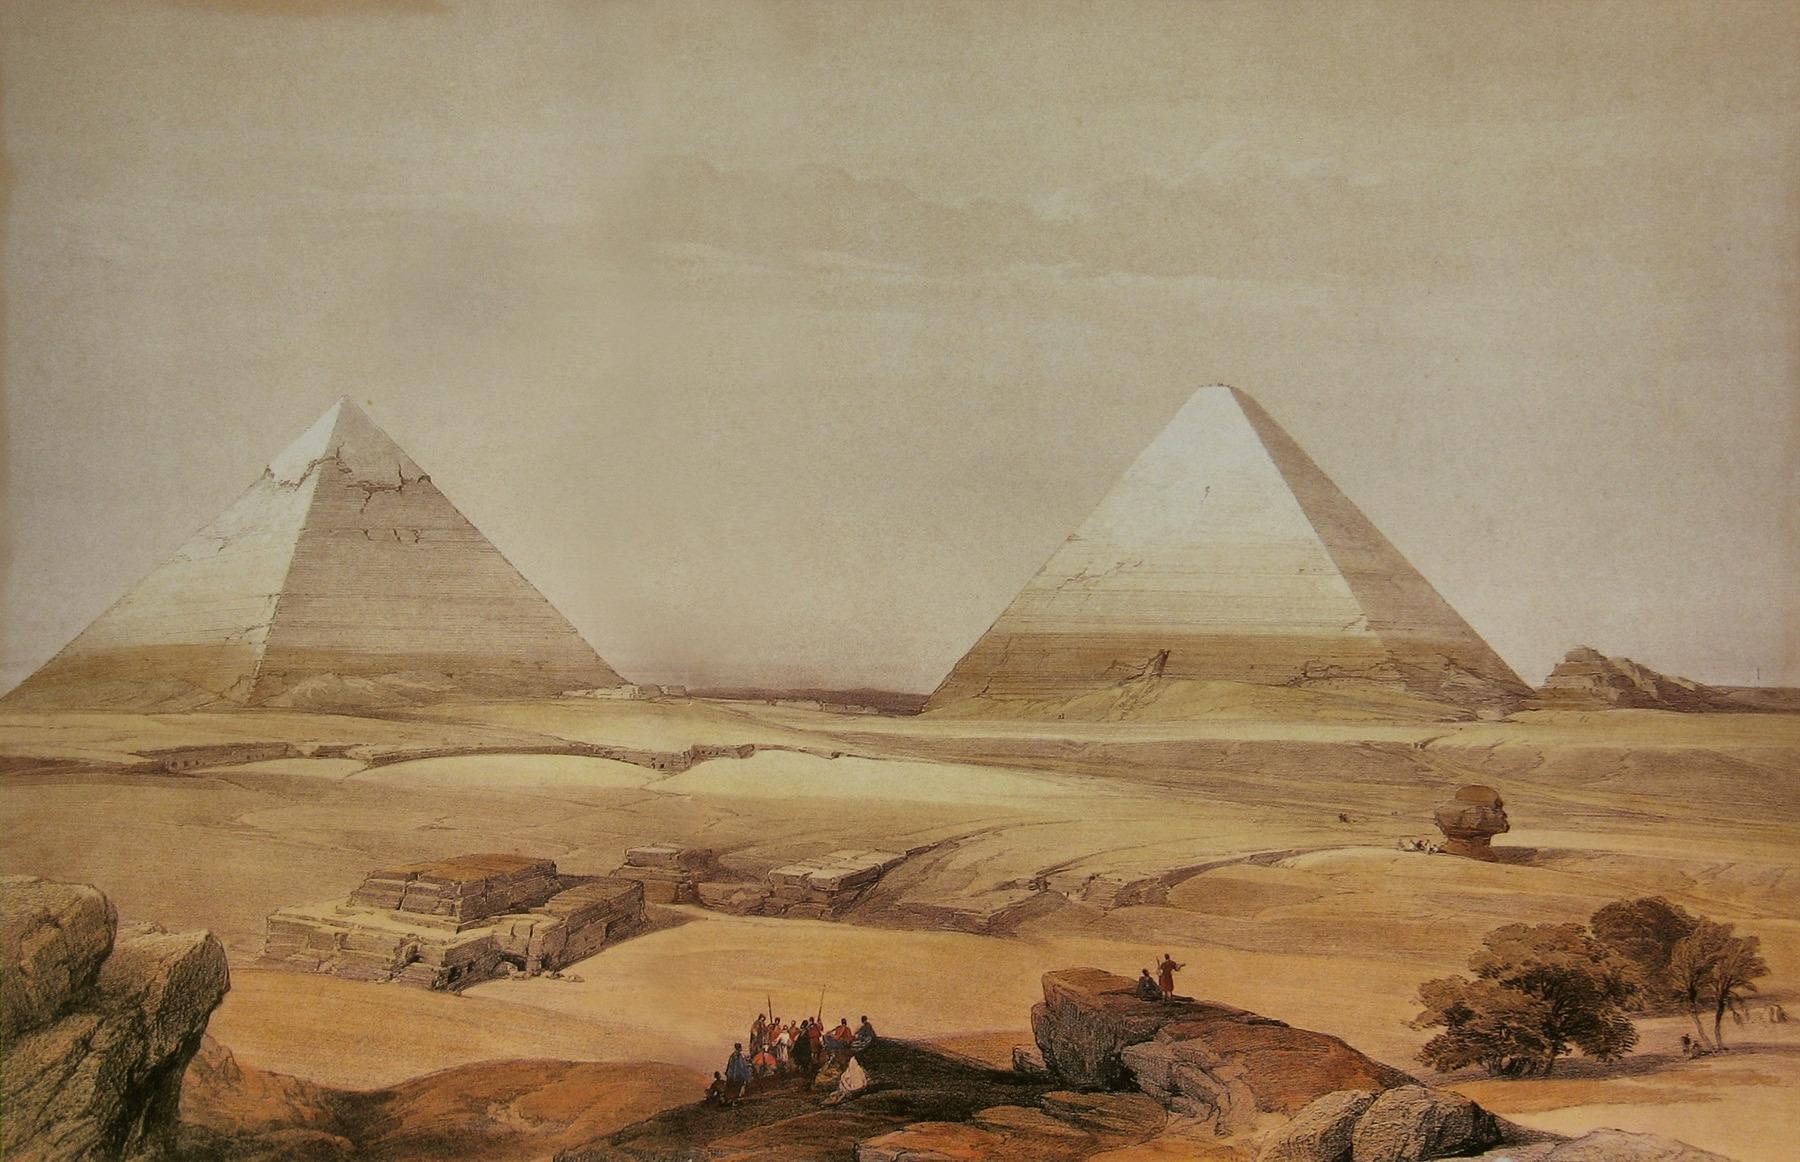 Masaüstü 1800x1162 Px David Roberts Mısır Boyama Piramit